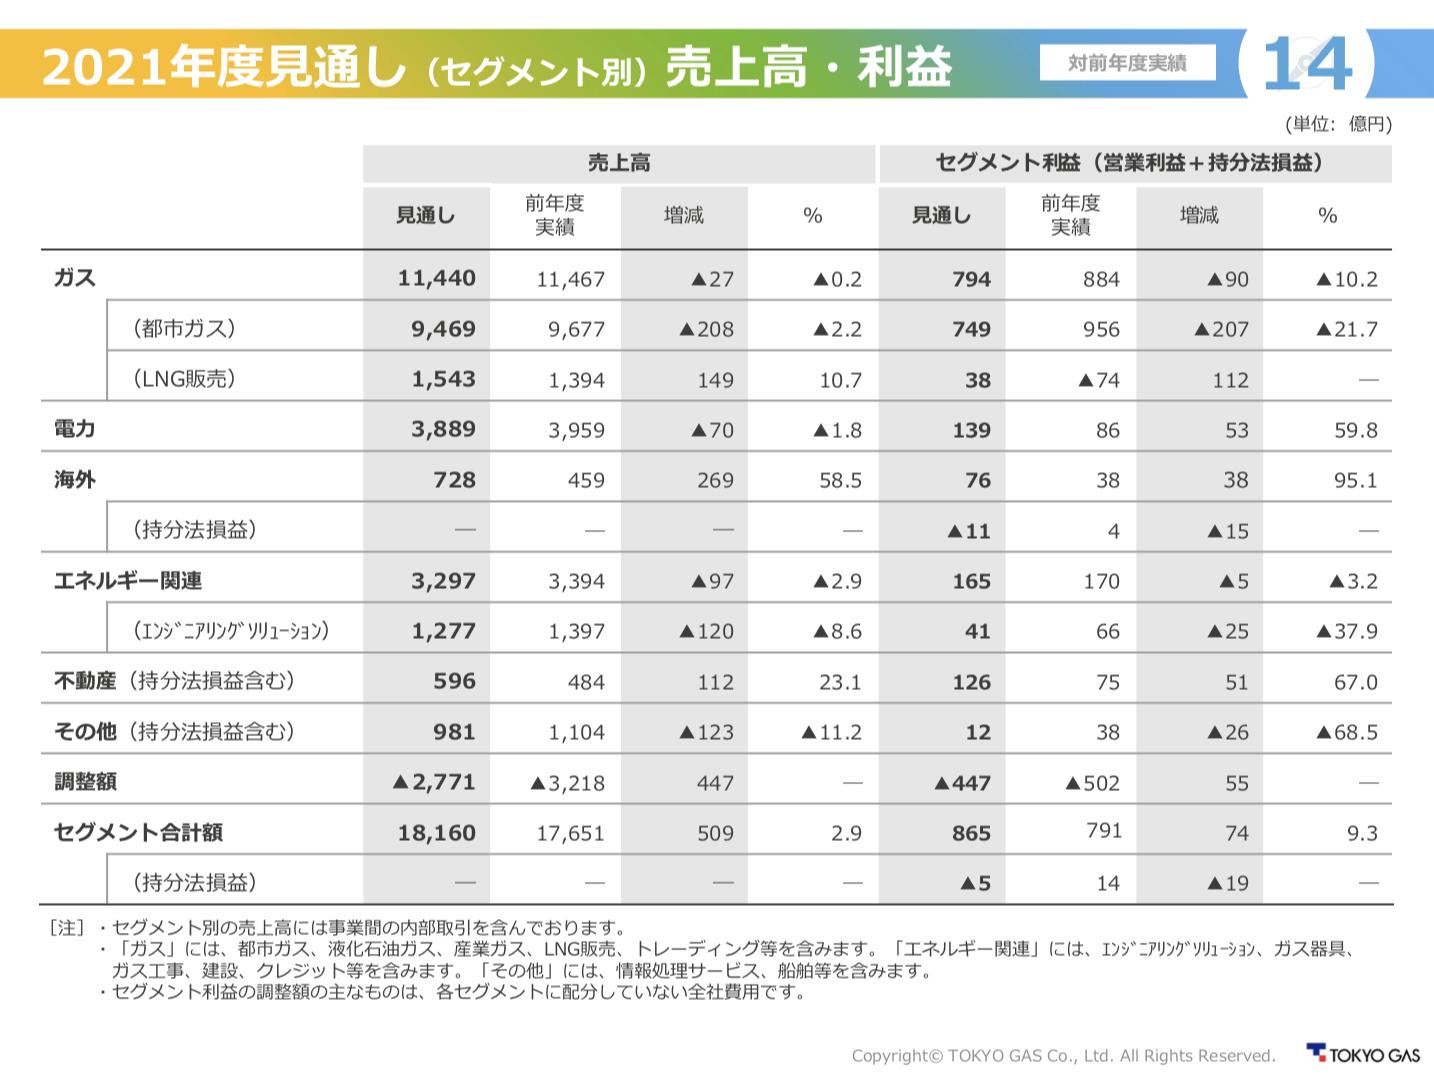 東京ガス株式会社 2020年度(2021年3月期) 決算説明会